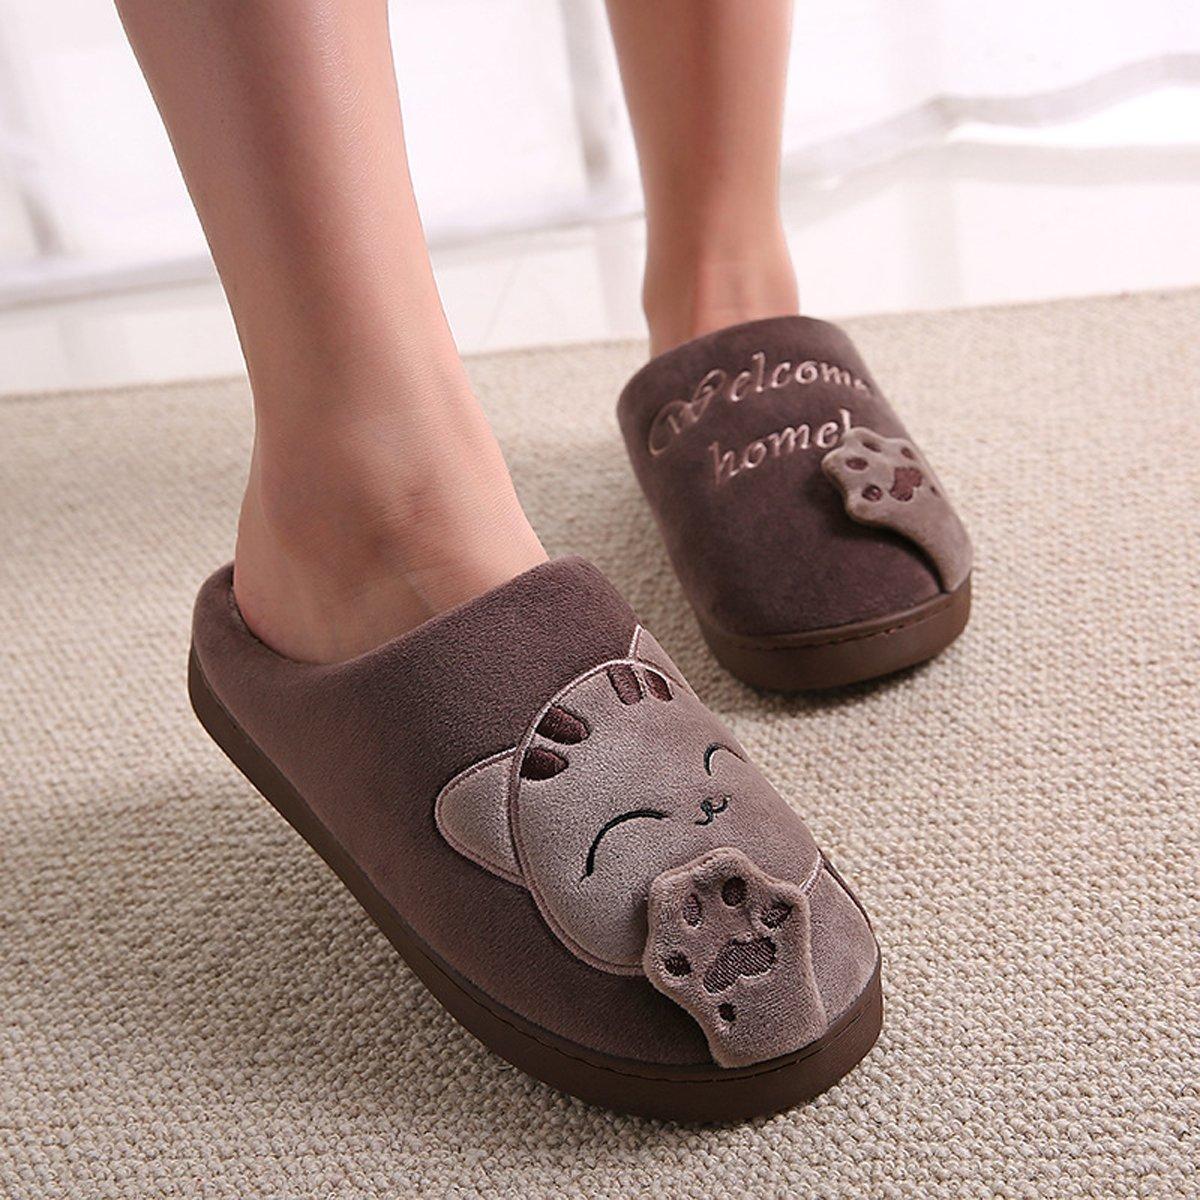 ... Pantoufles Intérieur Anti Slip Chaussures Cadeau De Noël pour Les  Femmes Et Agrandir l image d66d7bbf2ff9